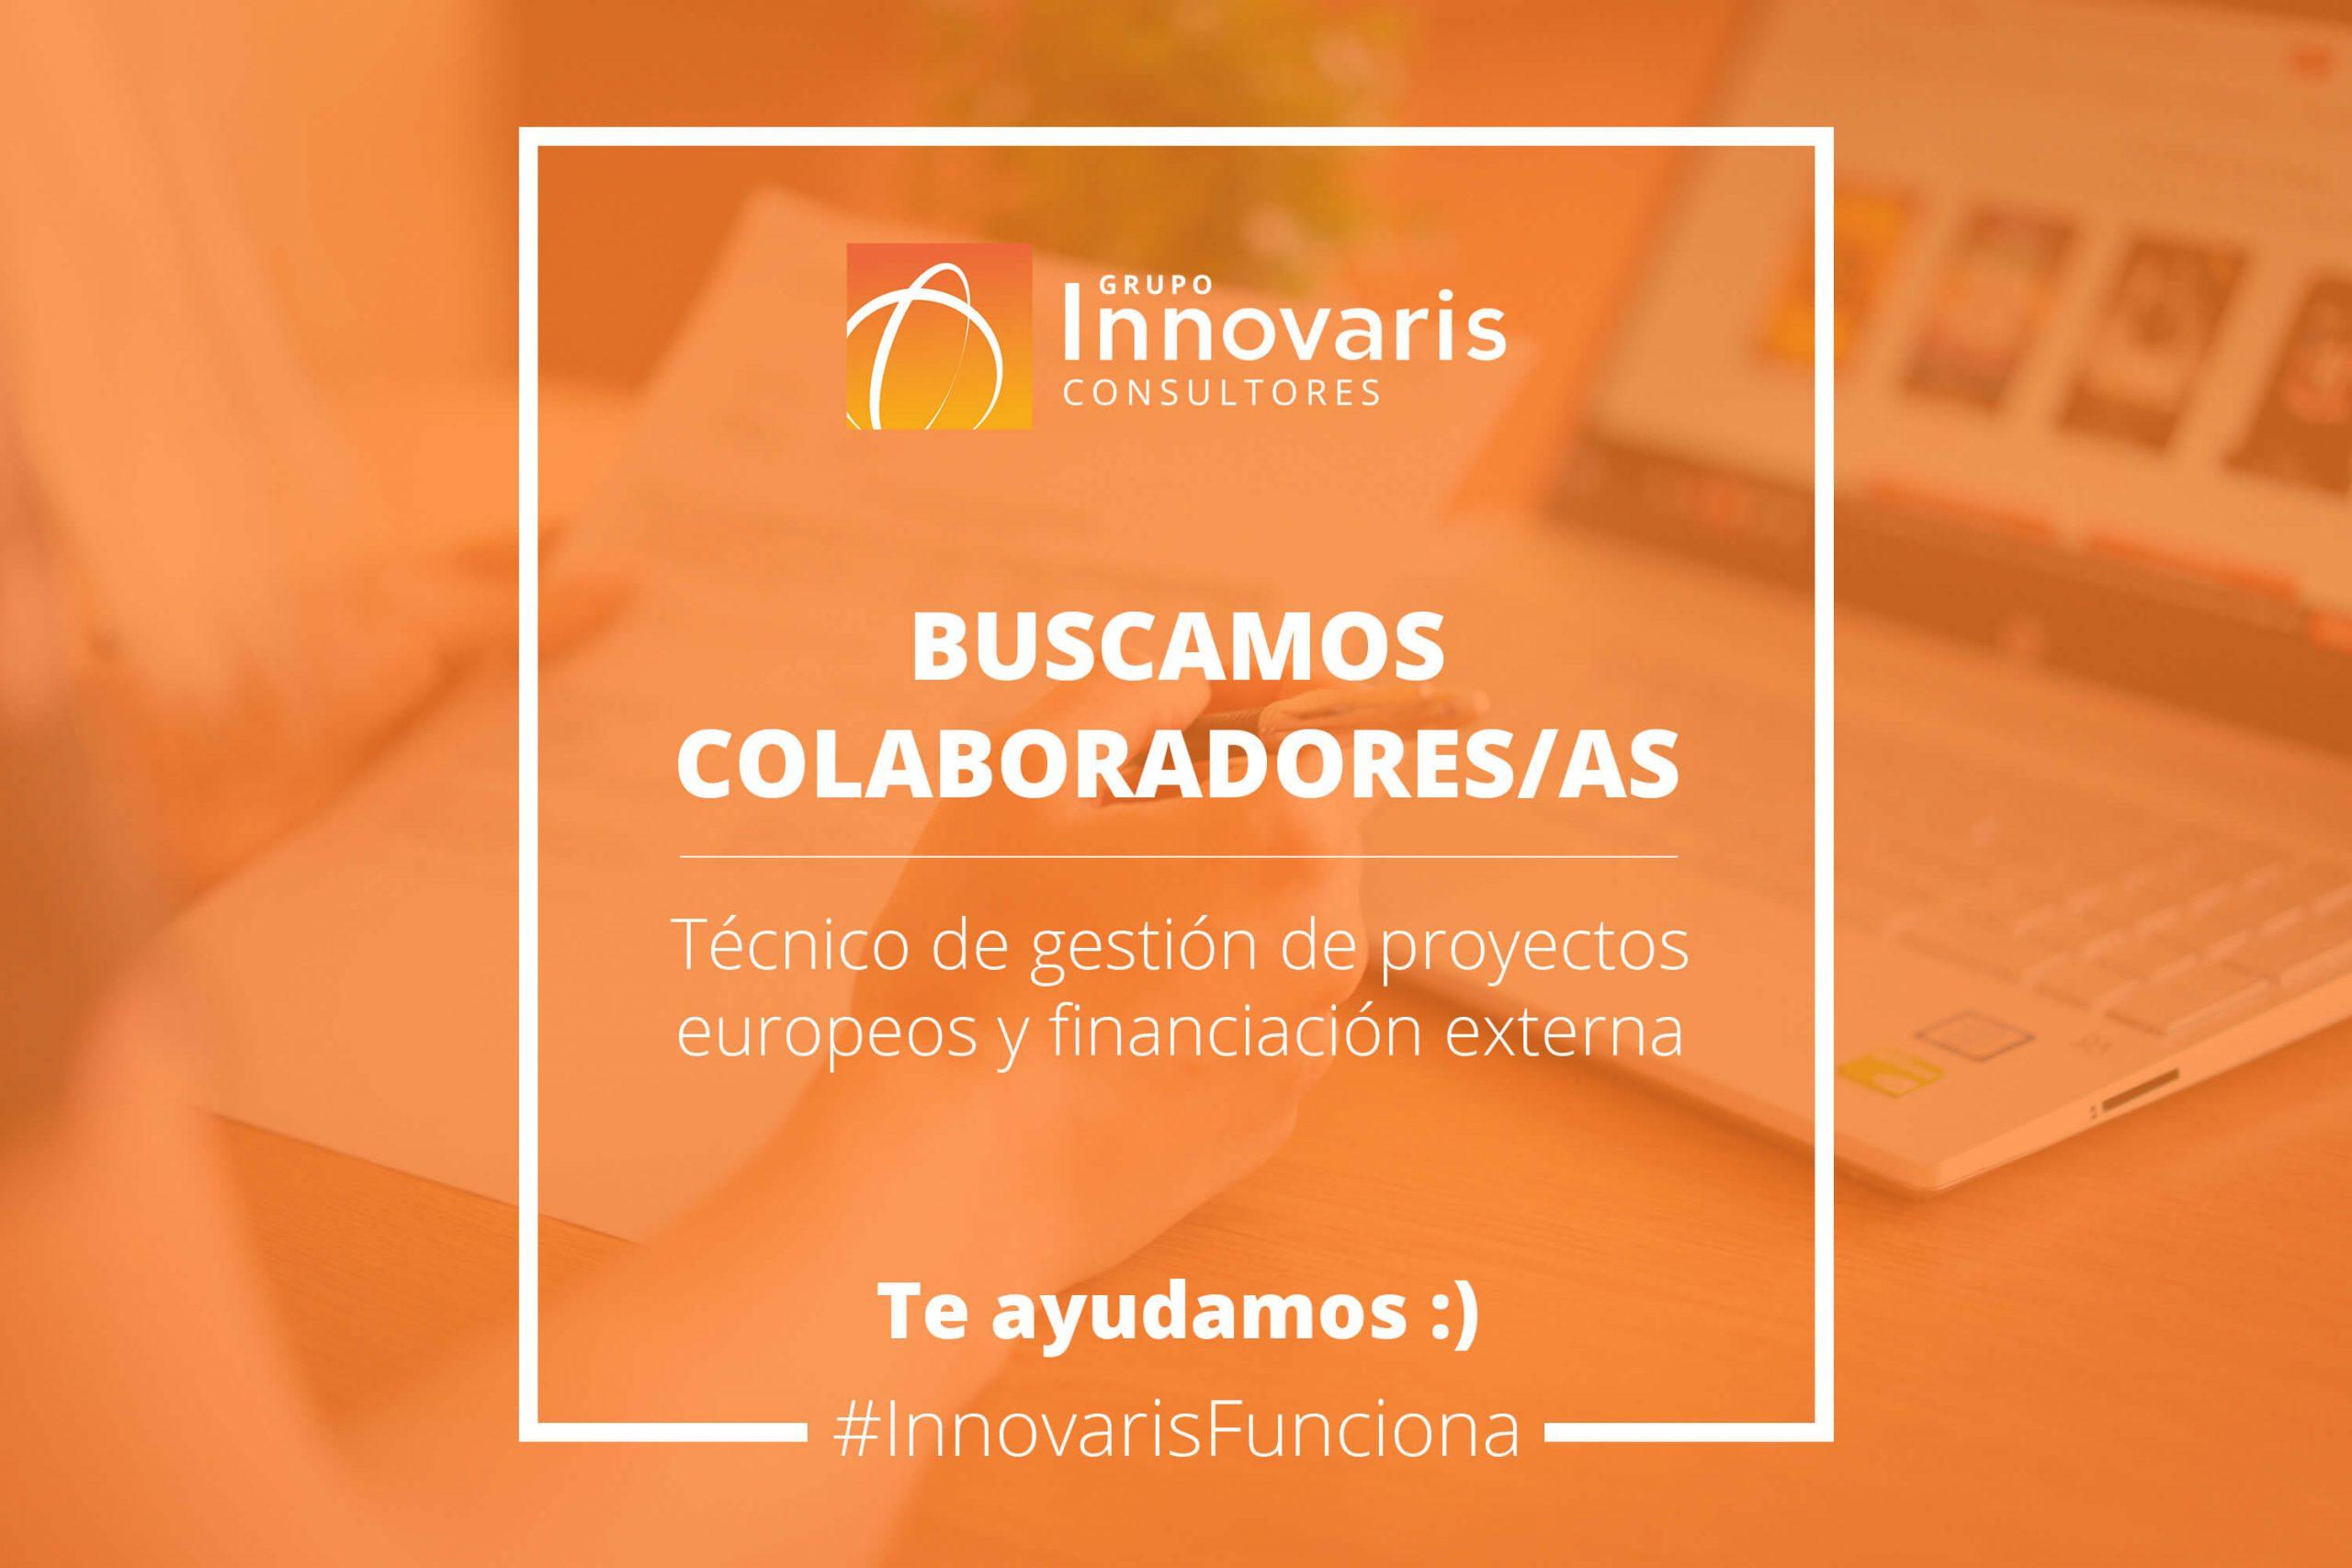 Colaboradores freelance técnico de gestión de proyectos europeos y financiación web